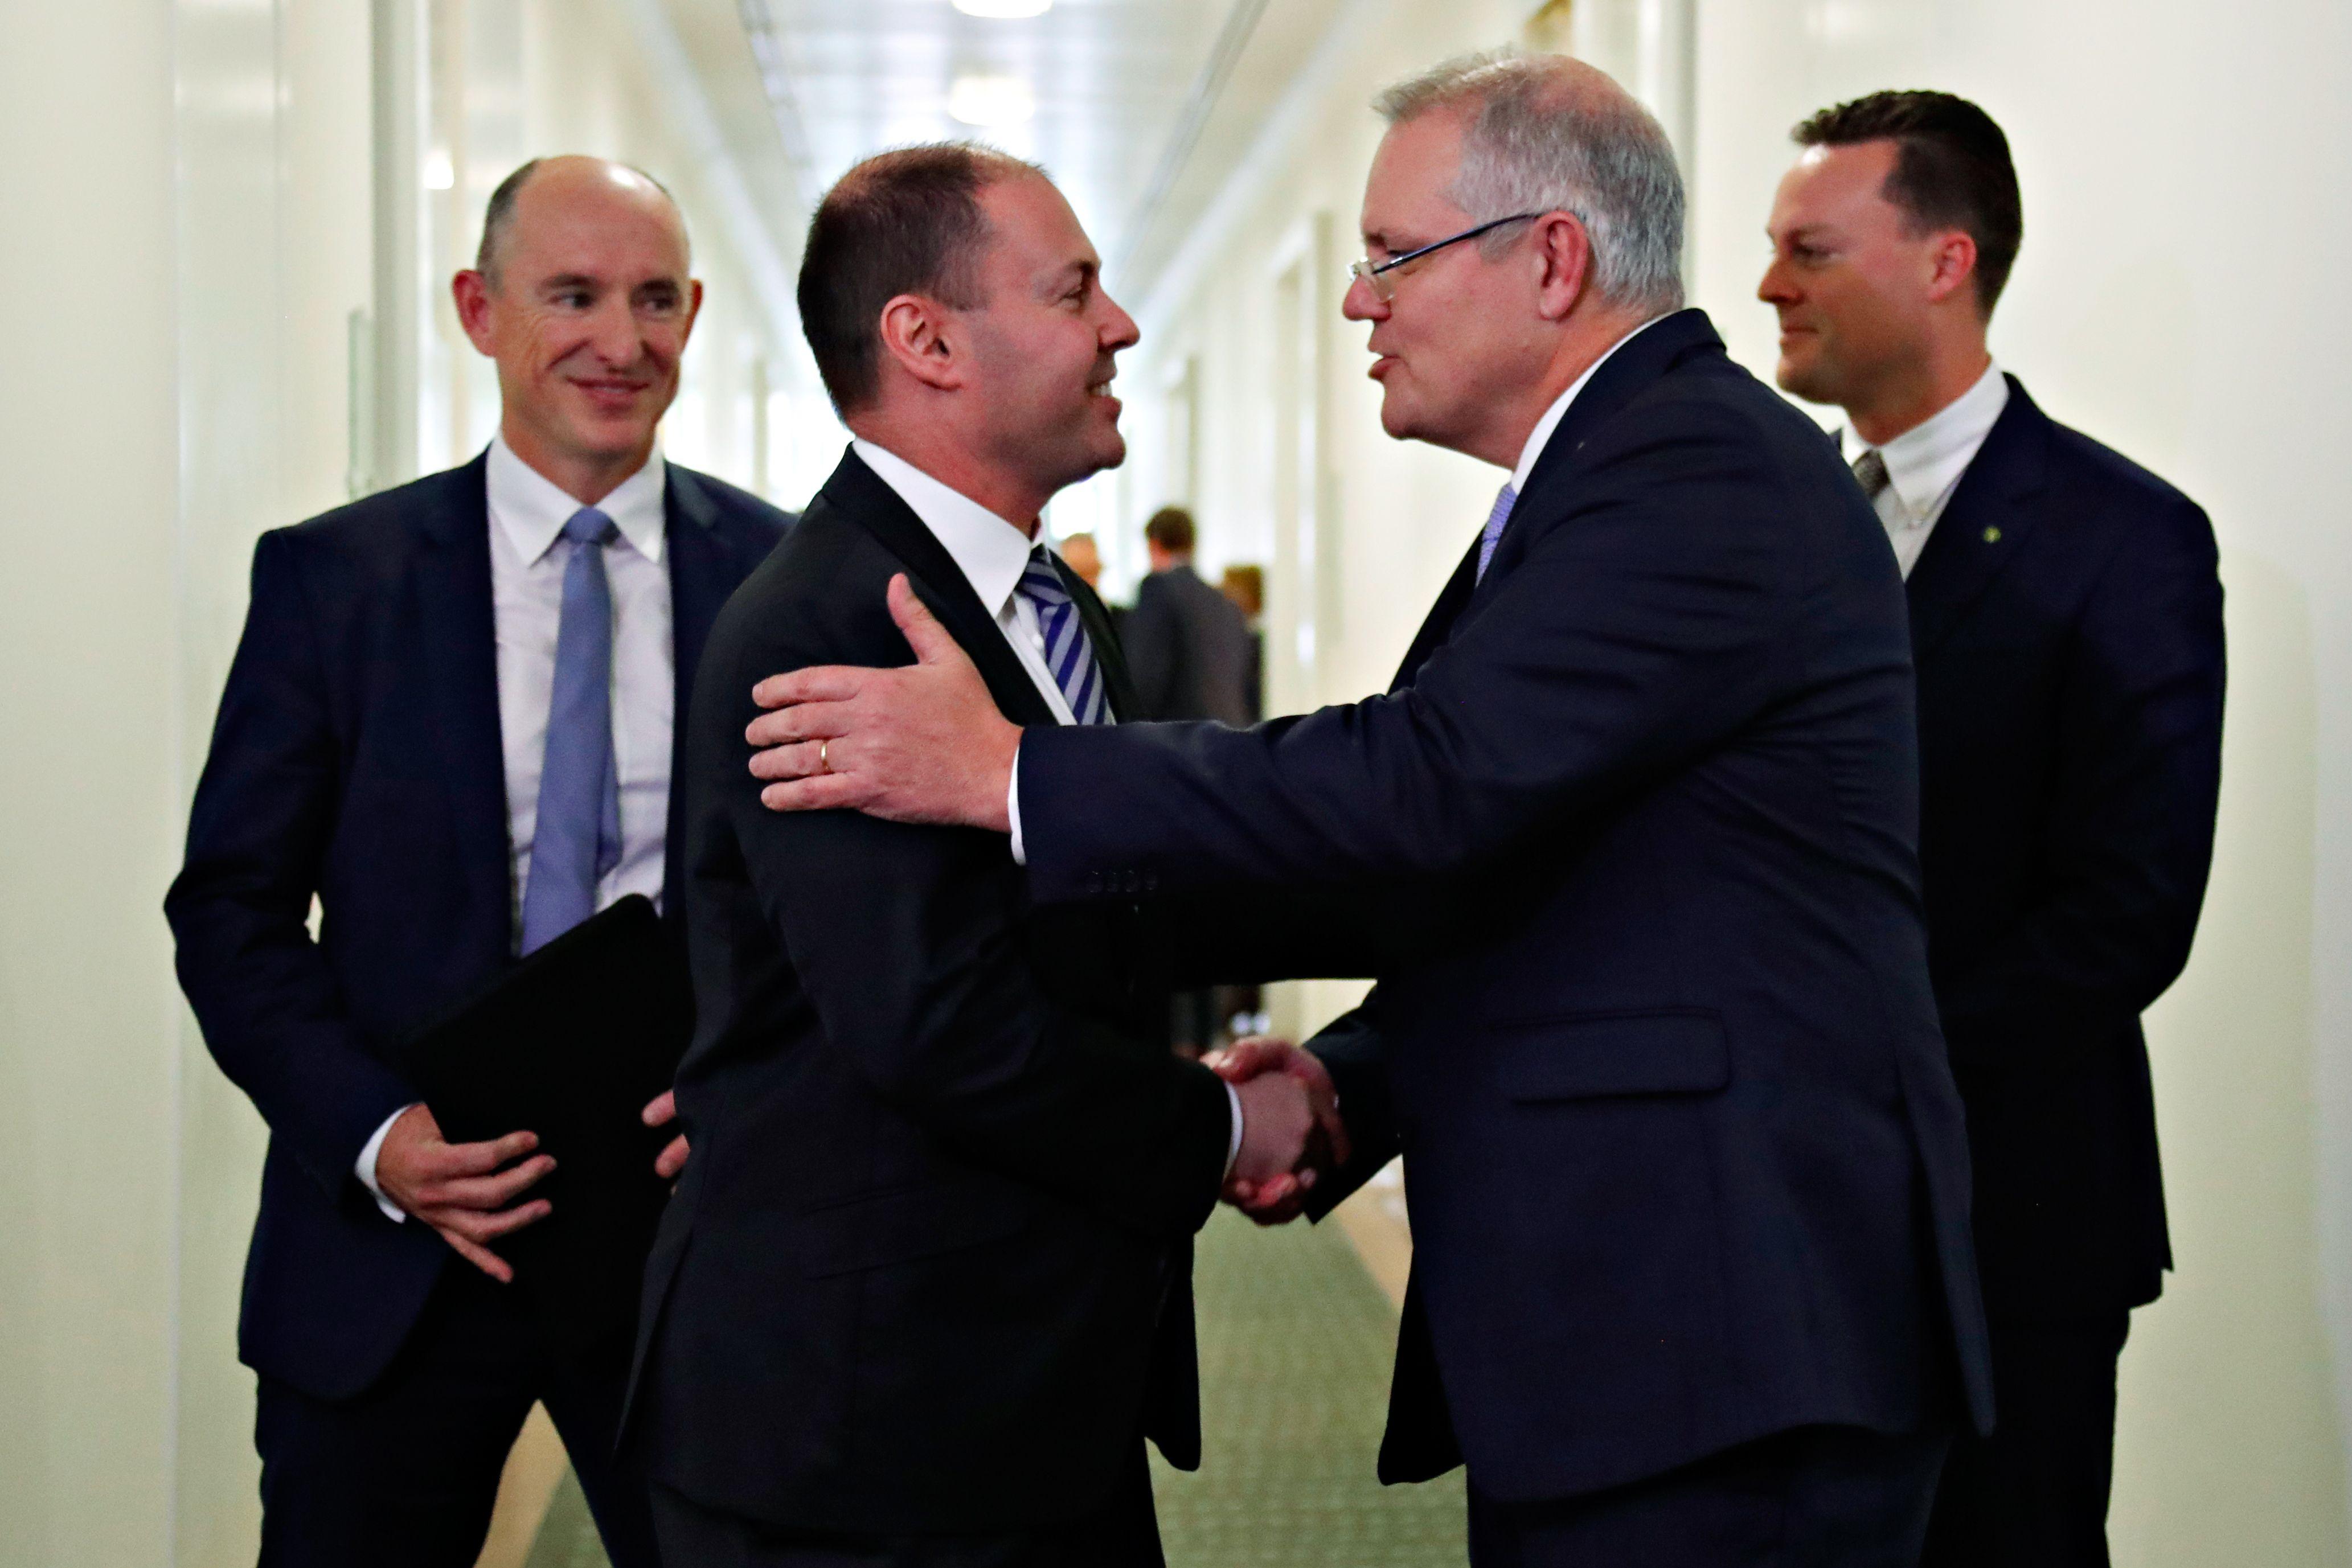 تهنئة مالكوم ترنبول رئيس وزراء أستراليا السابق